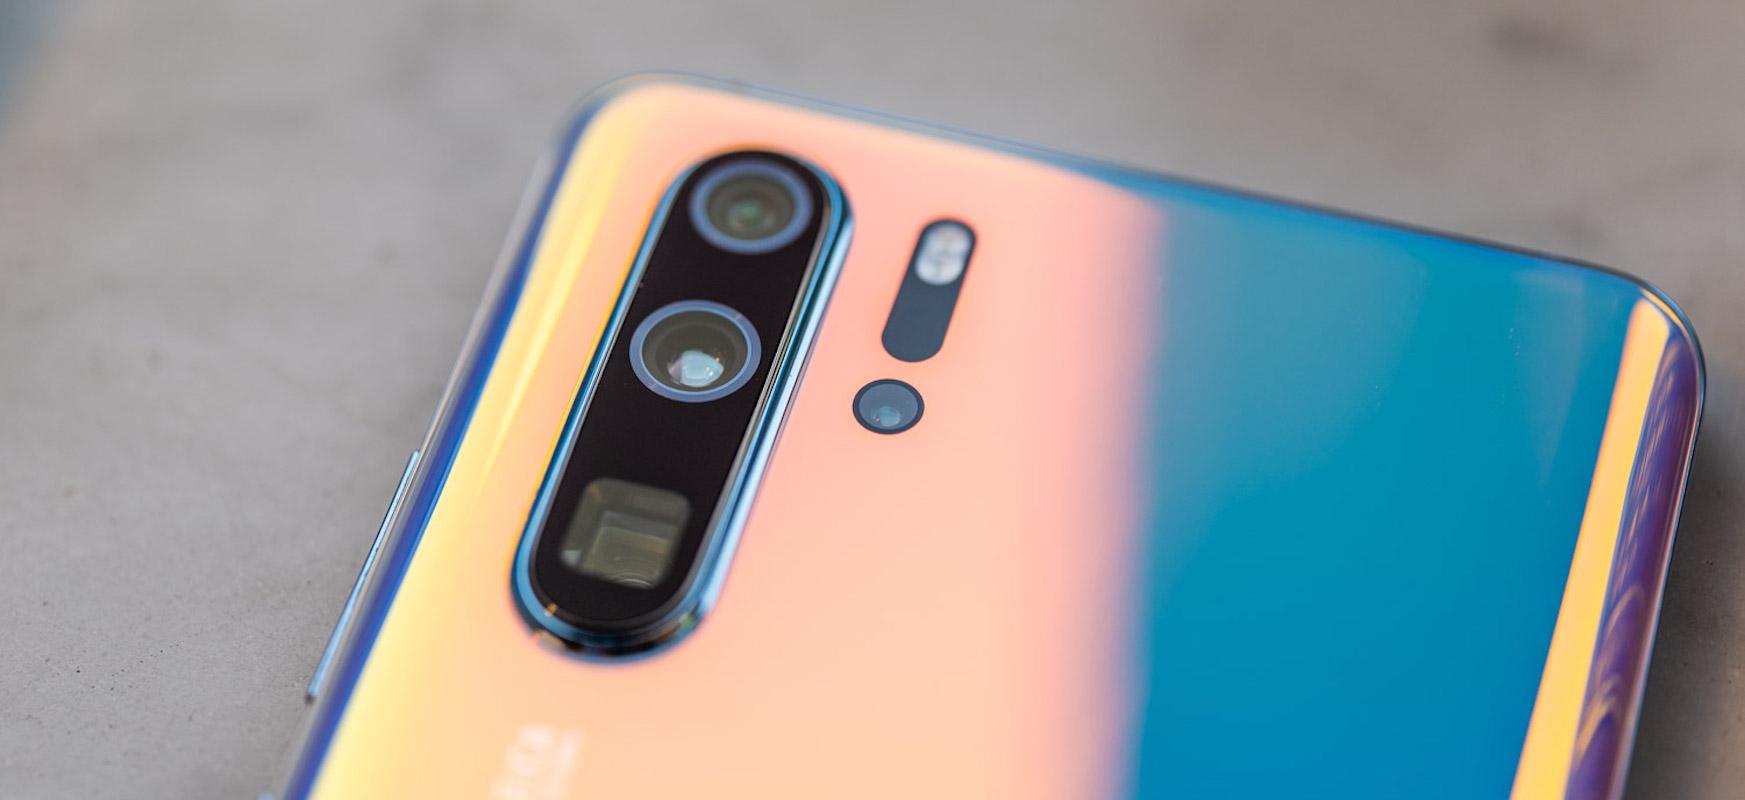 Huawei Video praktikan probatzen dugu: milaka film, programa eta serie dituen zerbitzua